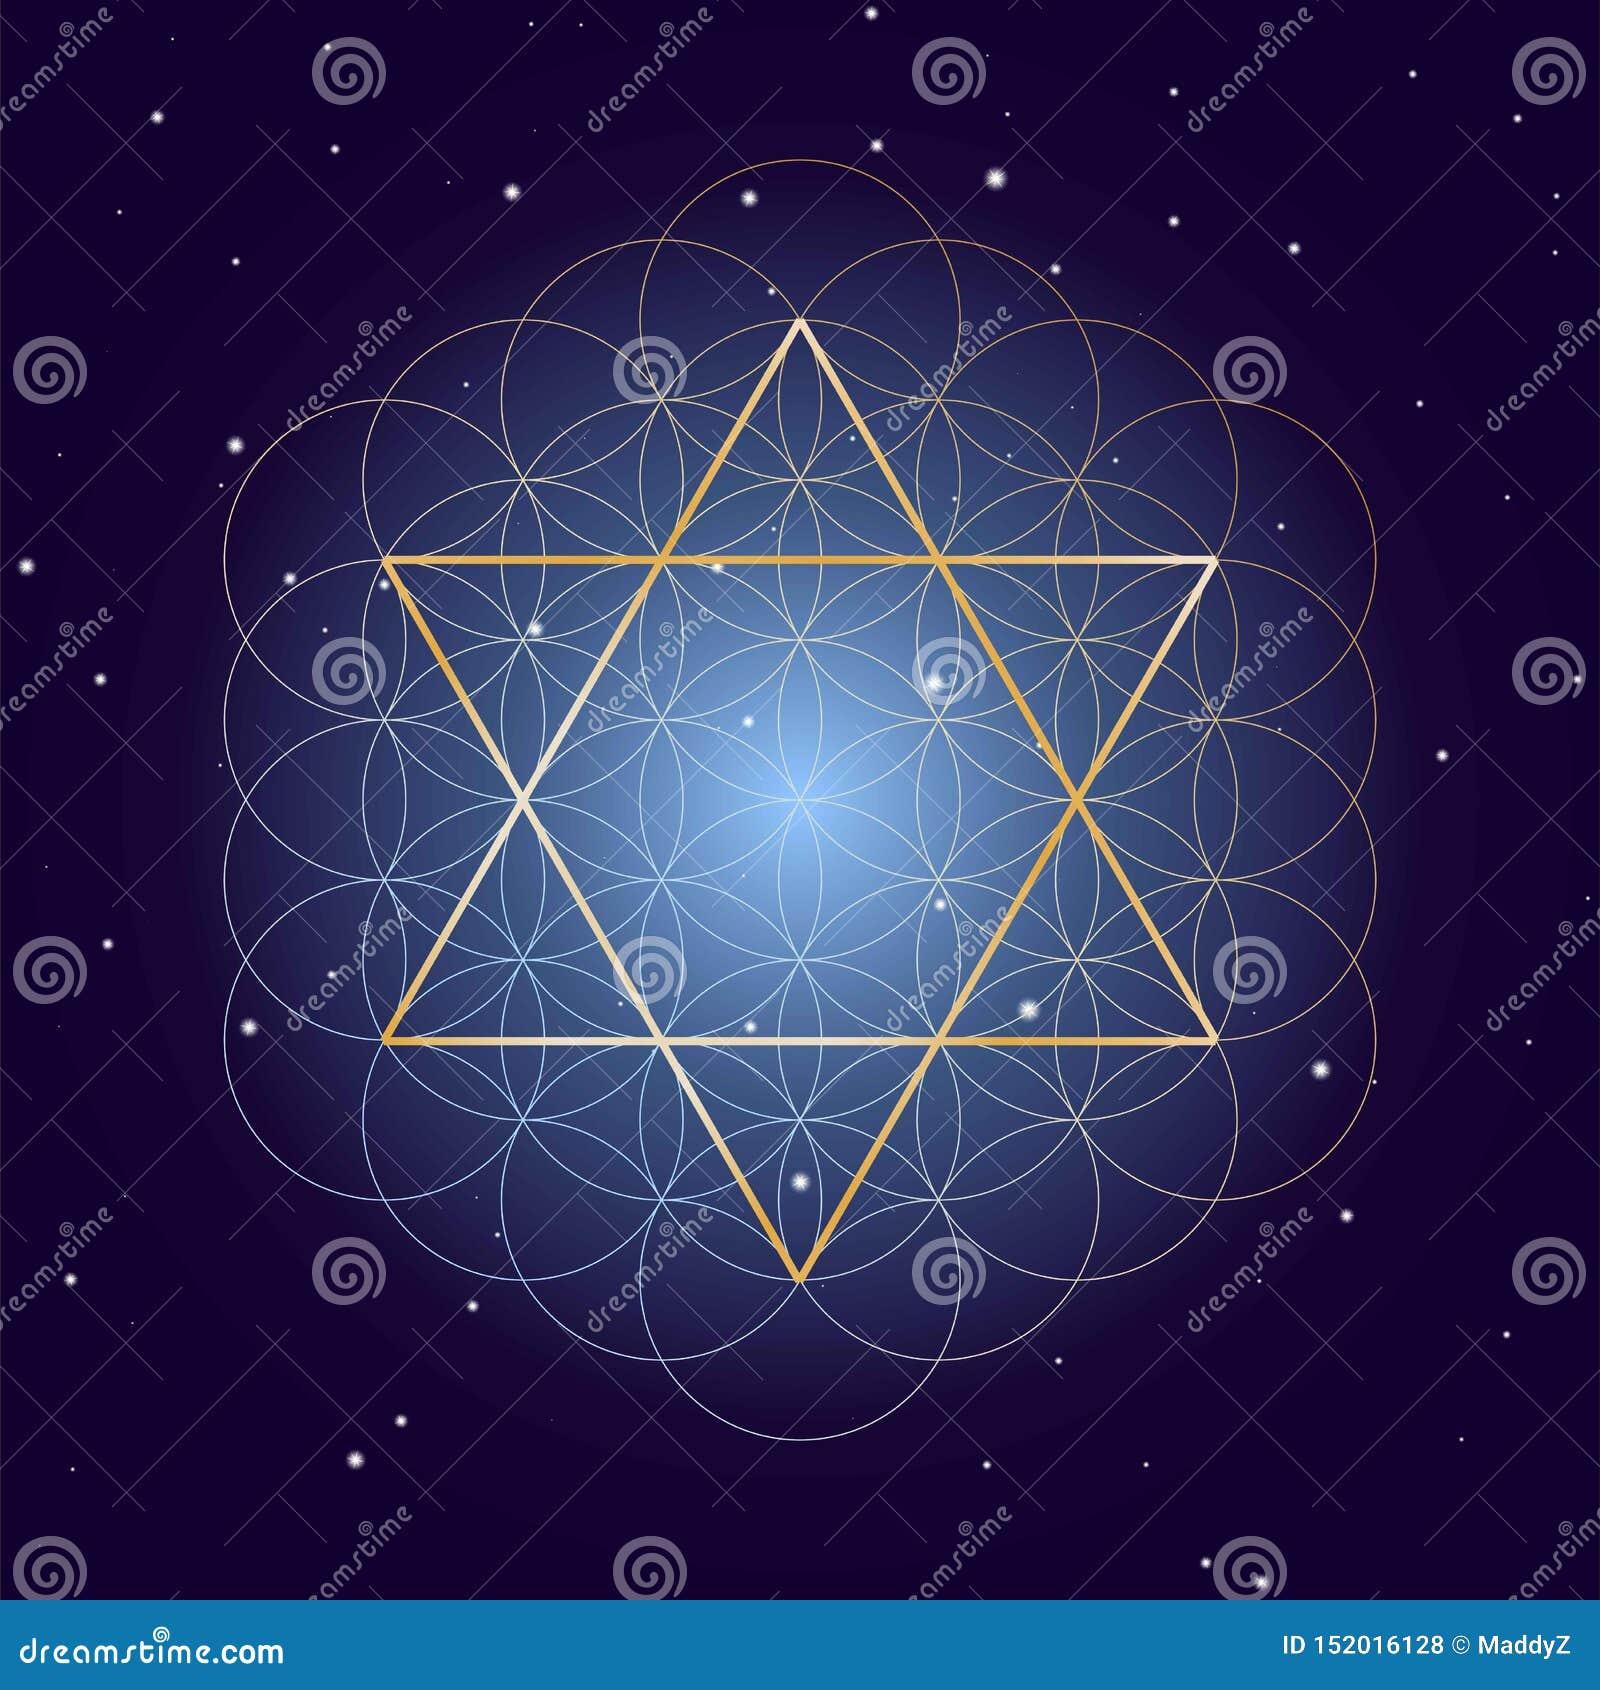 David Star mit Blume des Lebens, auf sternenklarem Himmelhintergrund, Symbole der heiligen Geometrie